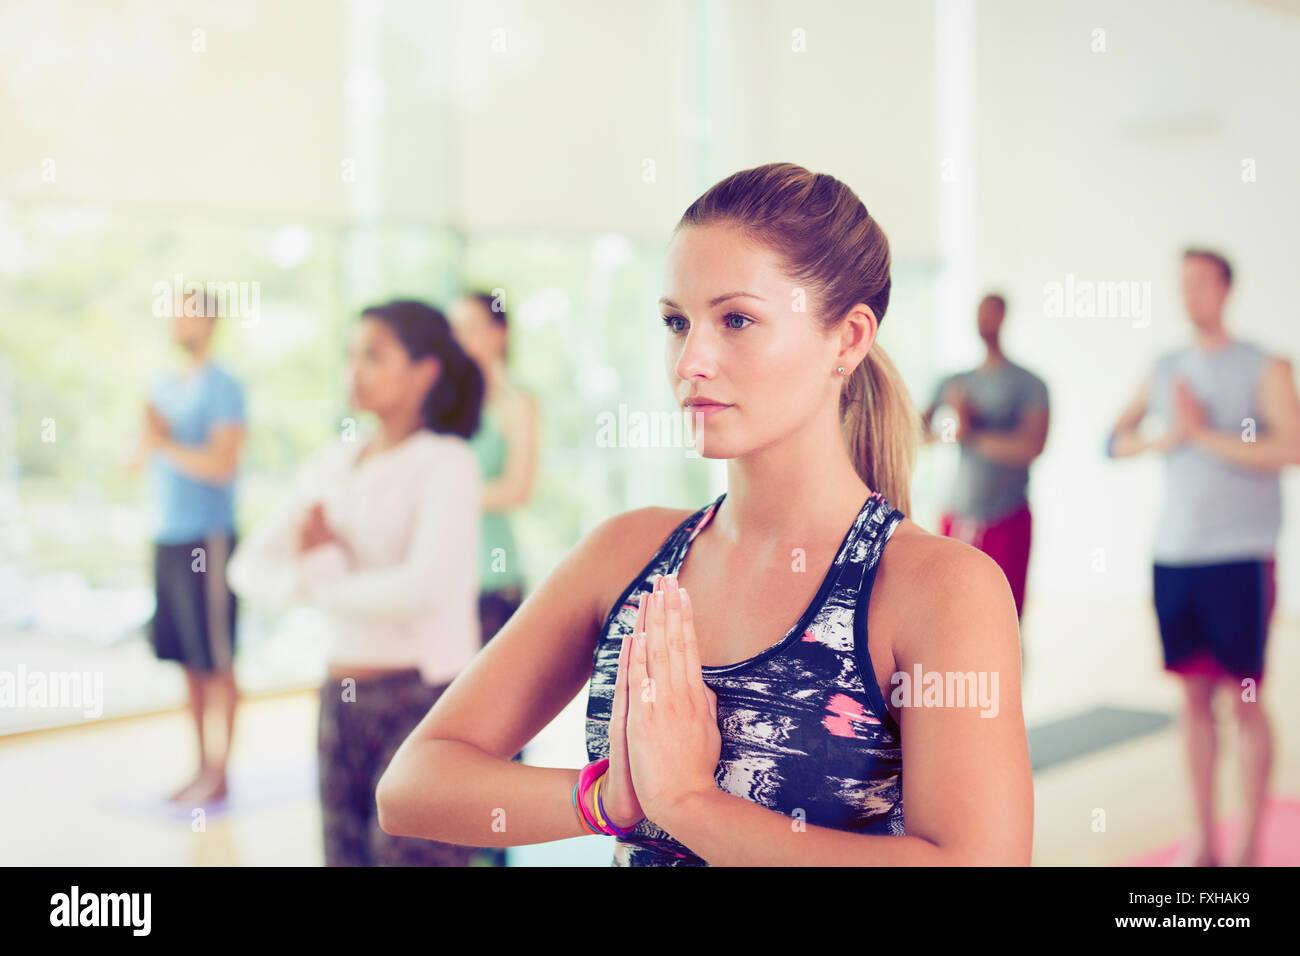 Konzentrierte sich Frau mit Hände im Gebet Position im Yoga-Kurs Stockbild